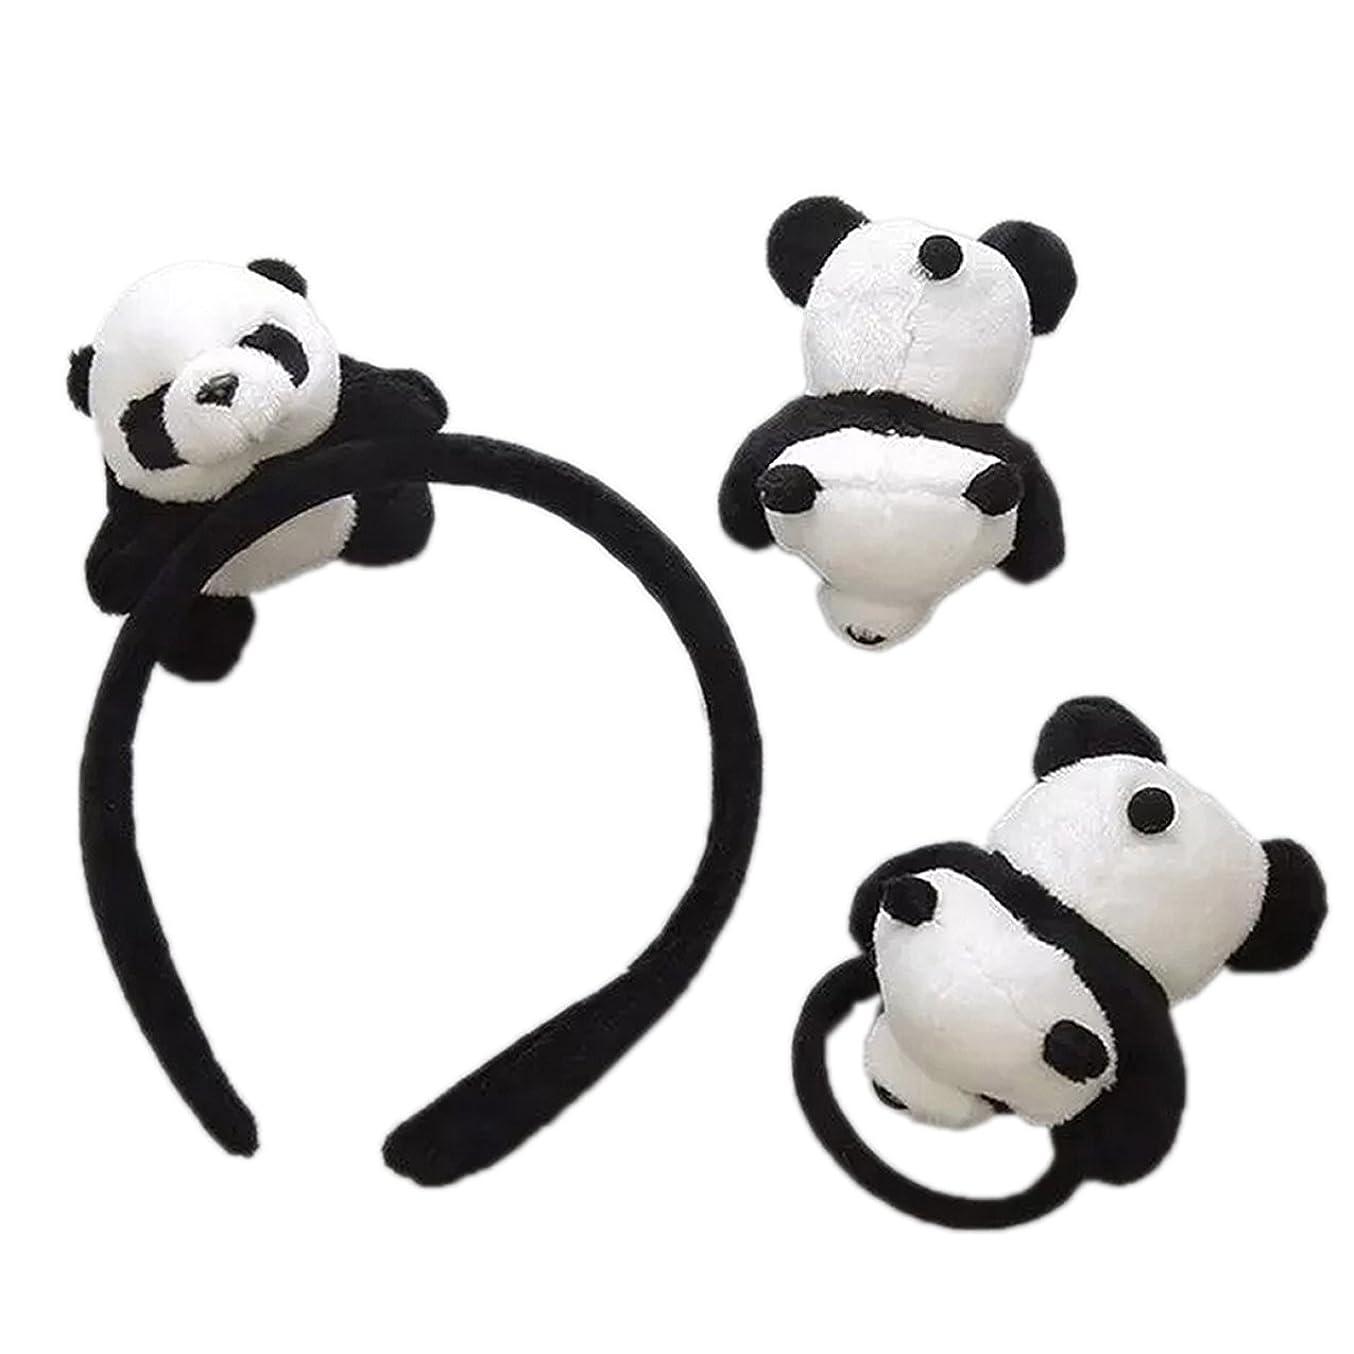 ディスパッチ期間脈拍skyflyings 髪飾り ヘアピン ヘアアクセサリー 可愛いパンダ 3個セット 子供用 大人用